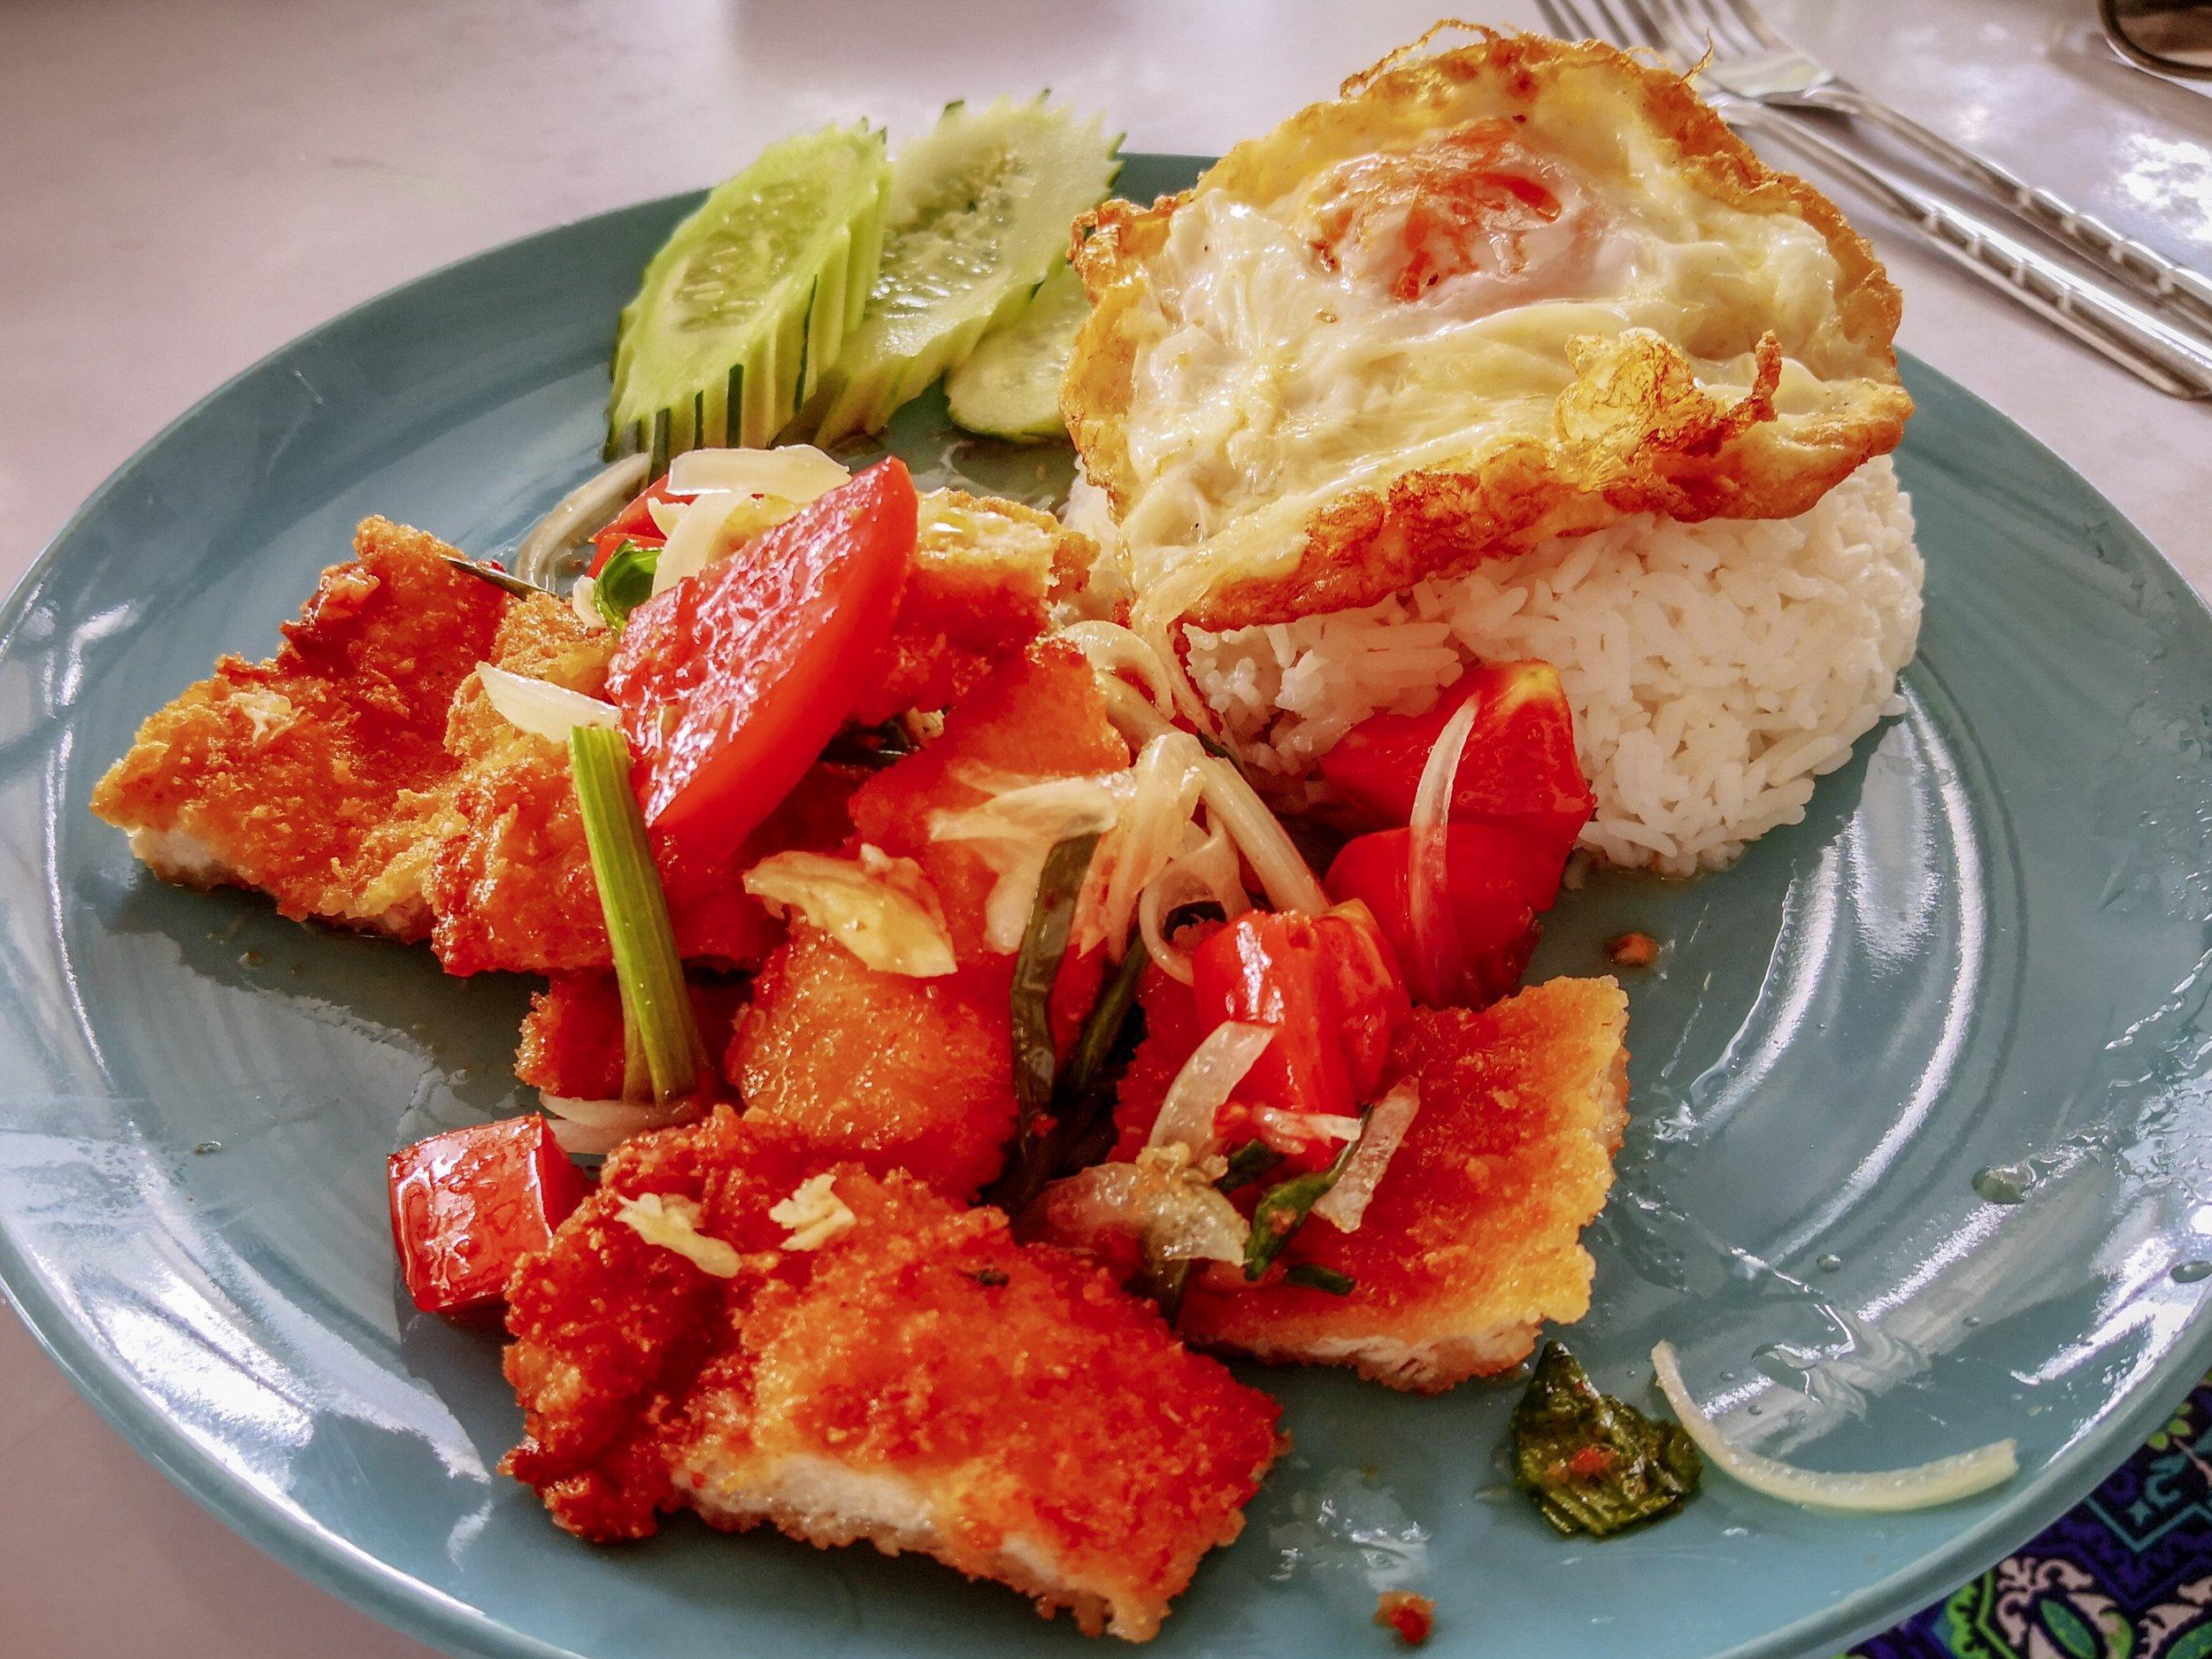 Khao yam, csípős csirke (ami igazából rántott hús) zöldséges, csípős-savanyú szószban, rizzsel és tükörtojással